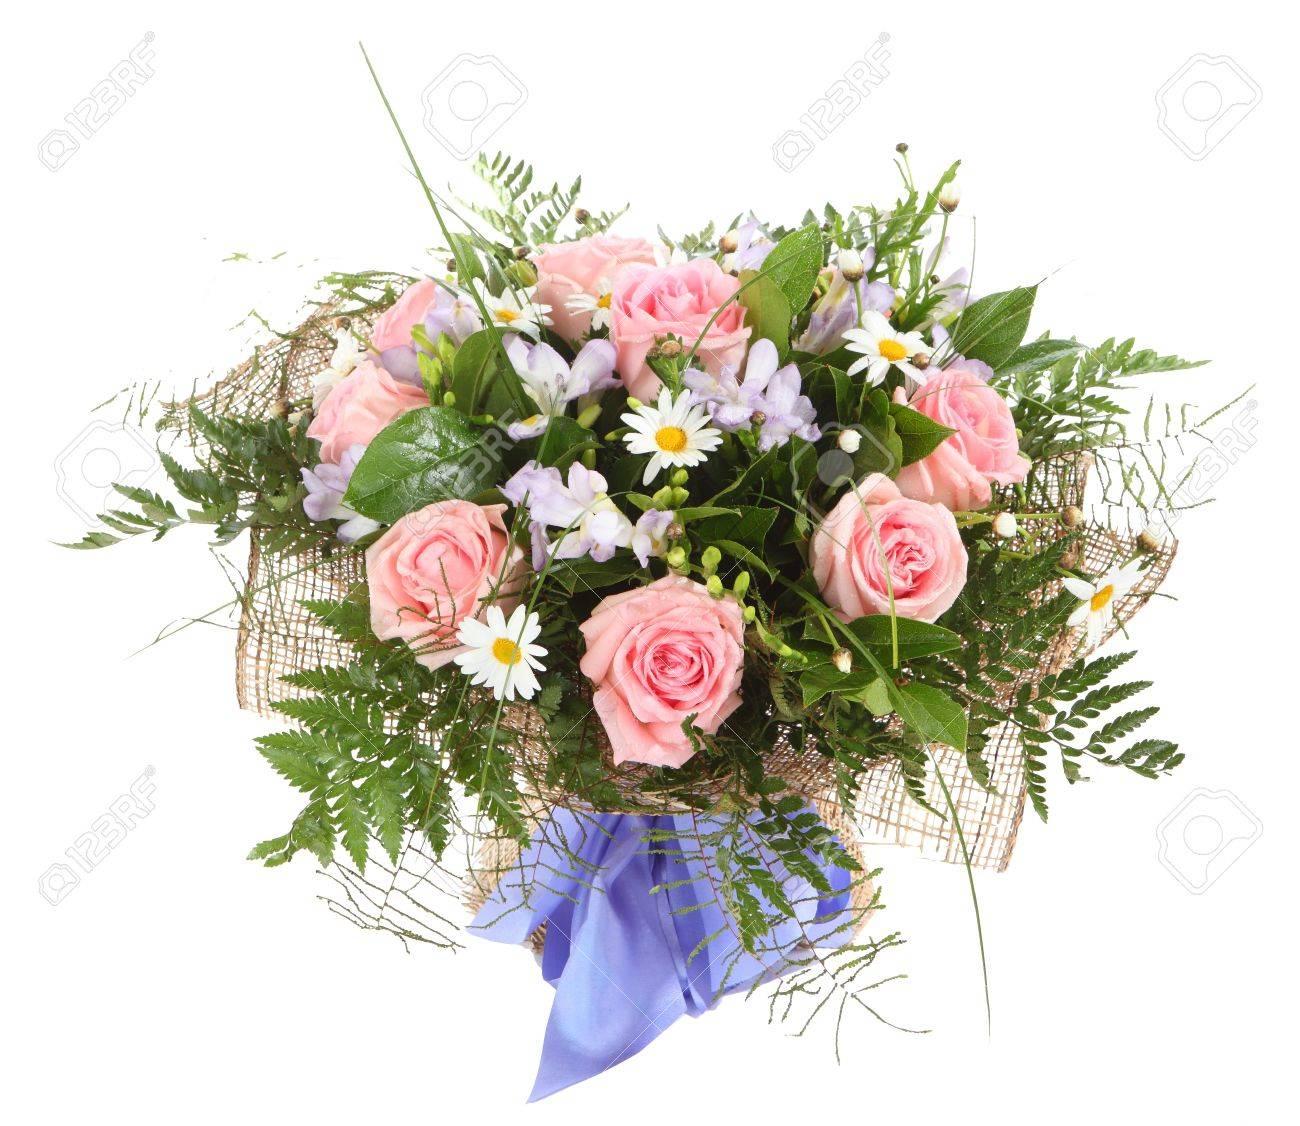 Arreglo Floral Ramo De Margaritas Blancas Y Rosas De Color Rosa Composición Floral Aislado En El Fondo Blanco